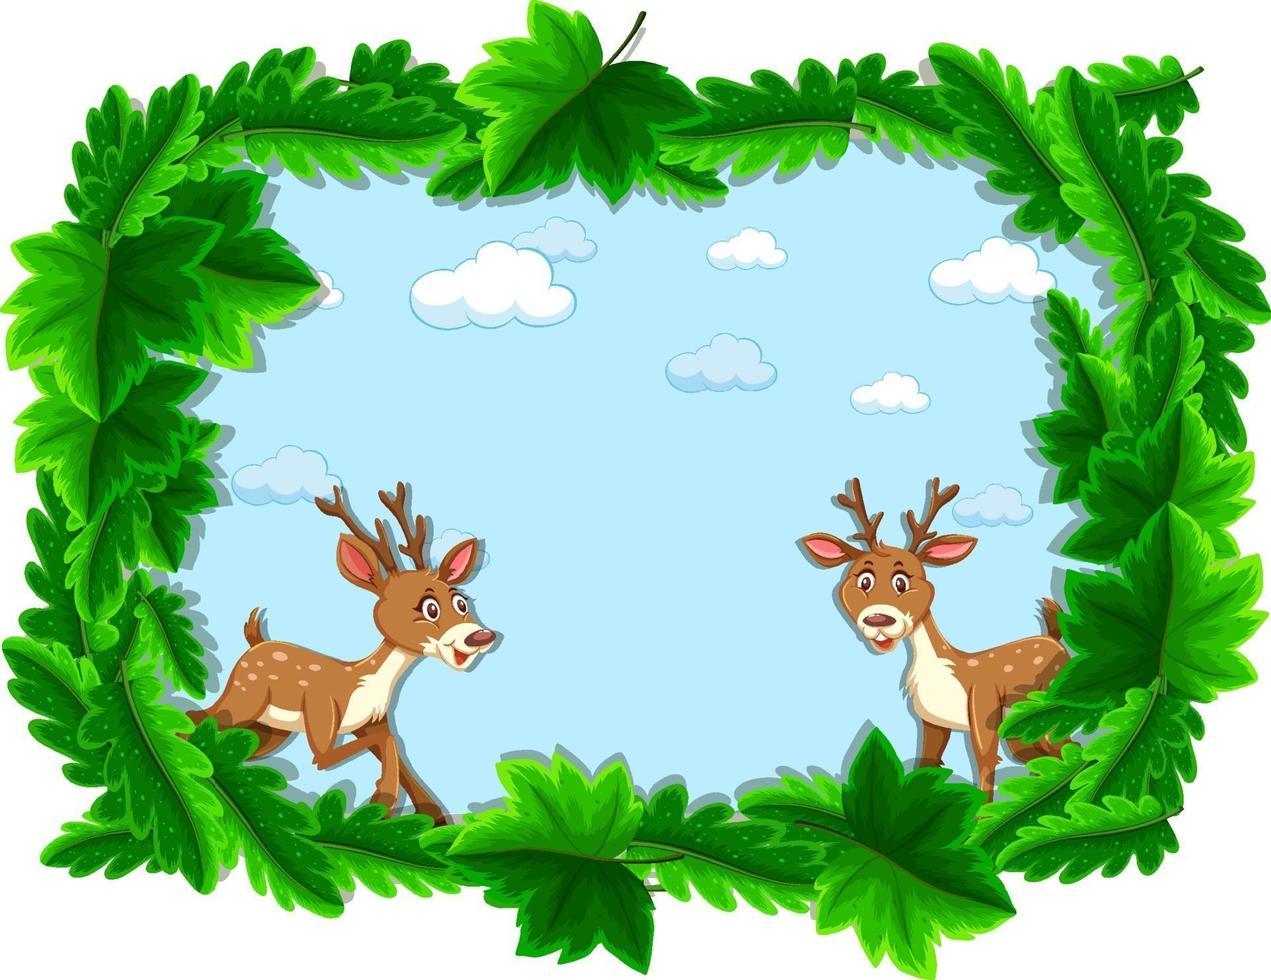 banner vuoto con cornice di foglie tropicali e personaggio dei cartoni animati di cervo vettore